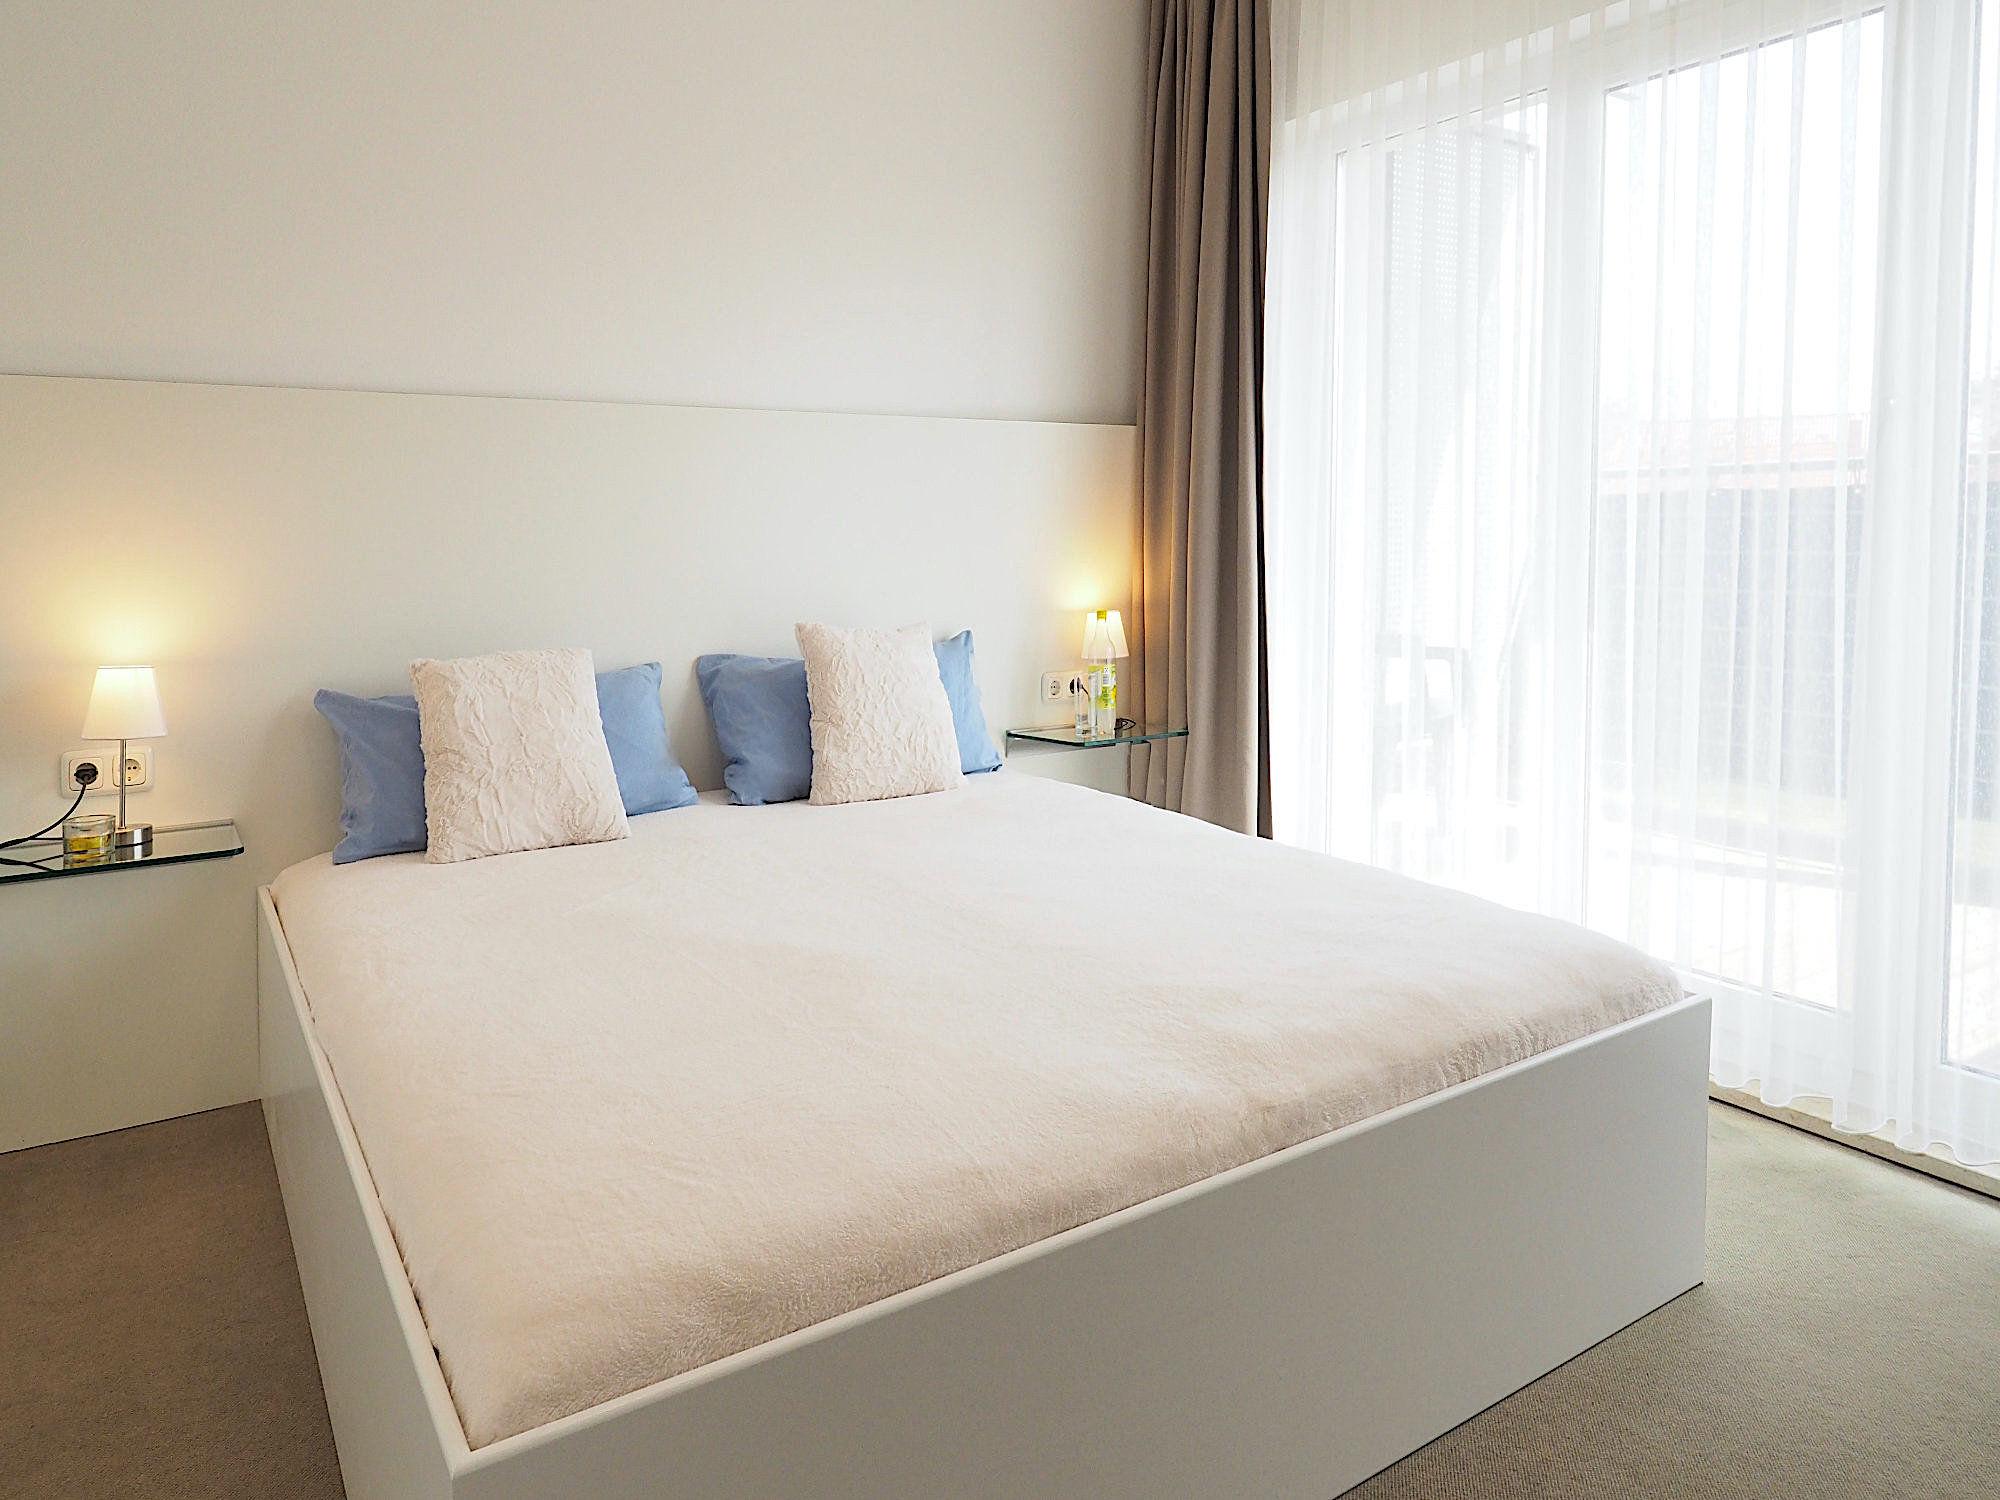 Schlafzimmer mit Doppelbett, an jeder Seite sind Glaskonsolen, rechts von dem Bett befinden sich bodentiefe Fenster